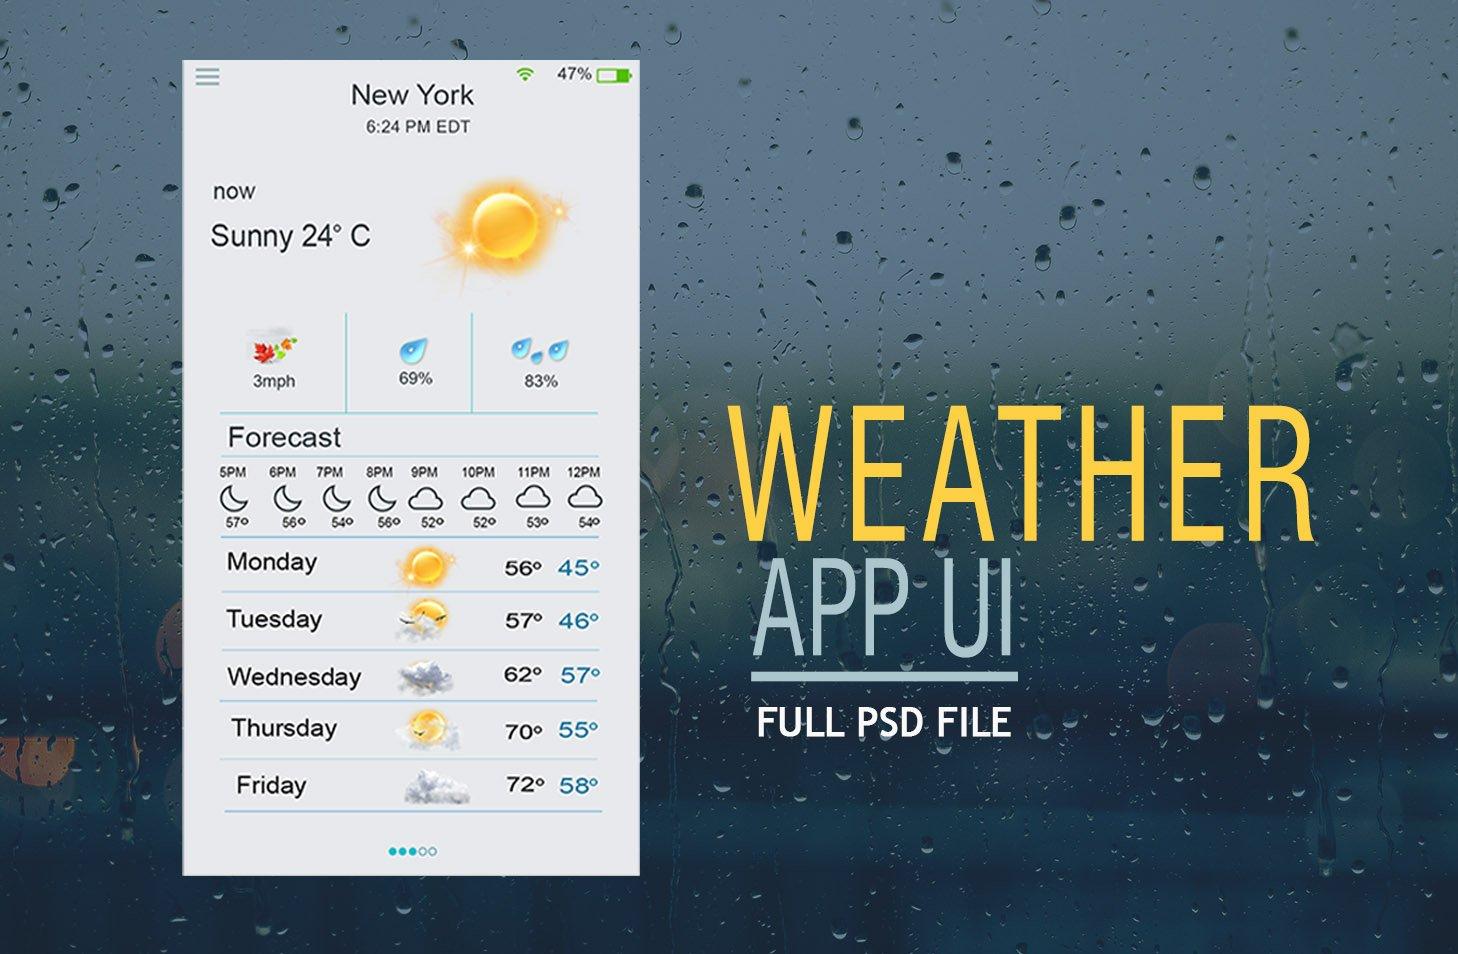 Weather App UI PSD - Free Photoshop Brushes at Brusheezy!